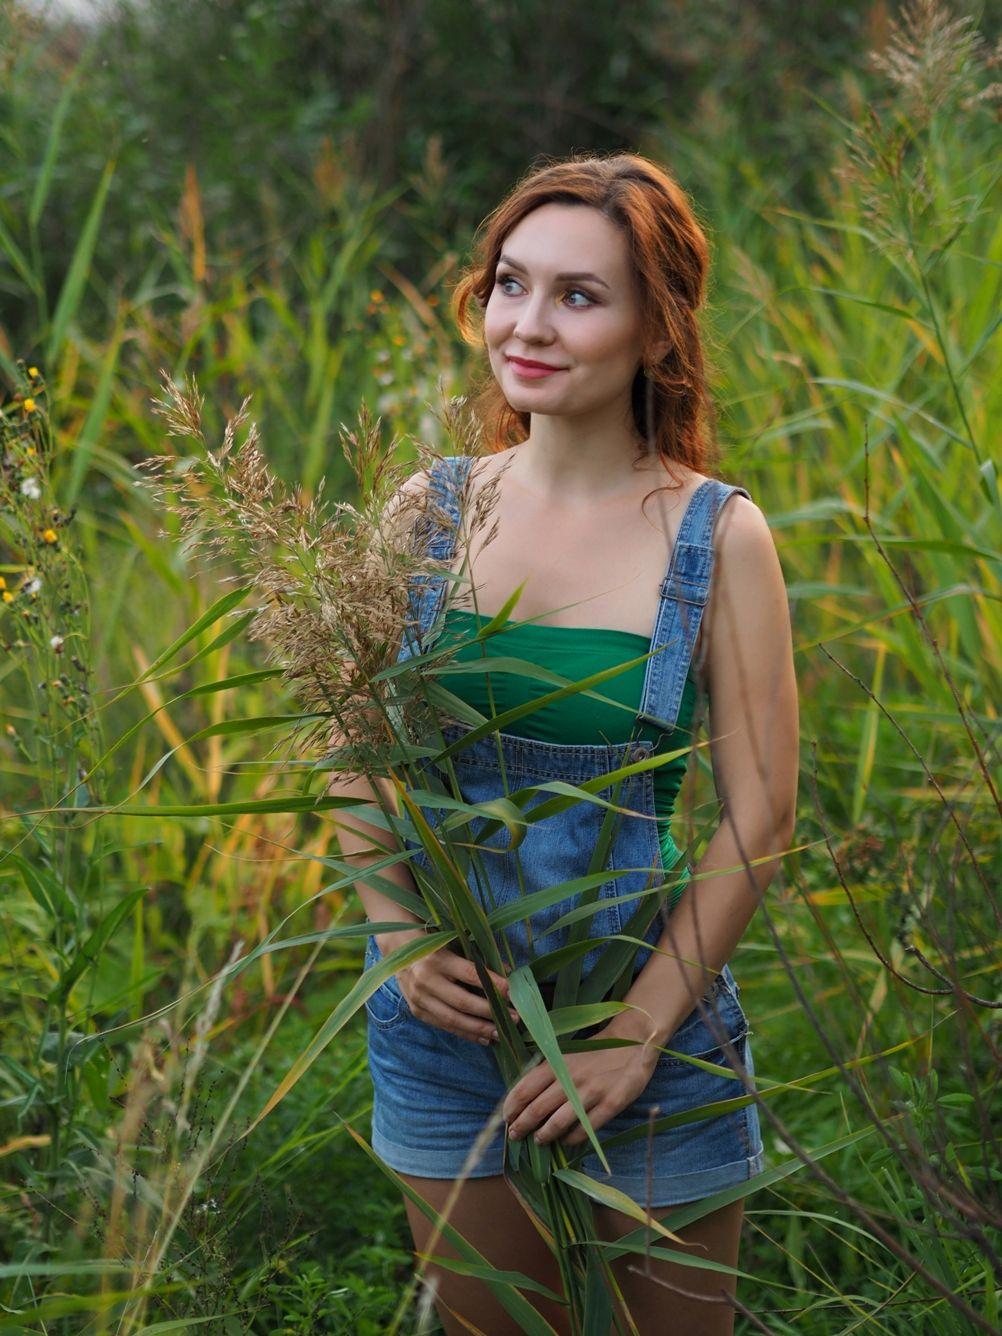 Ольга Лето портрет девушка прекрасная букет заросли